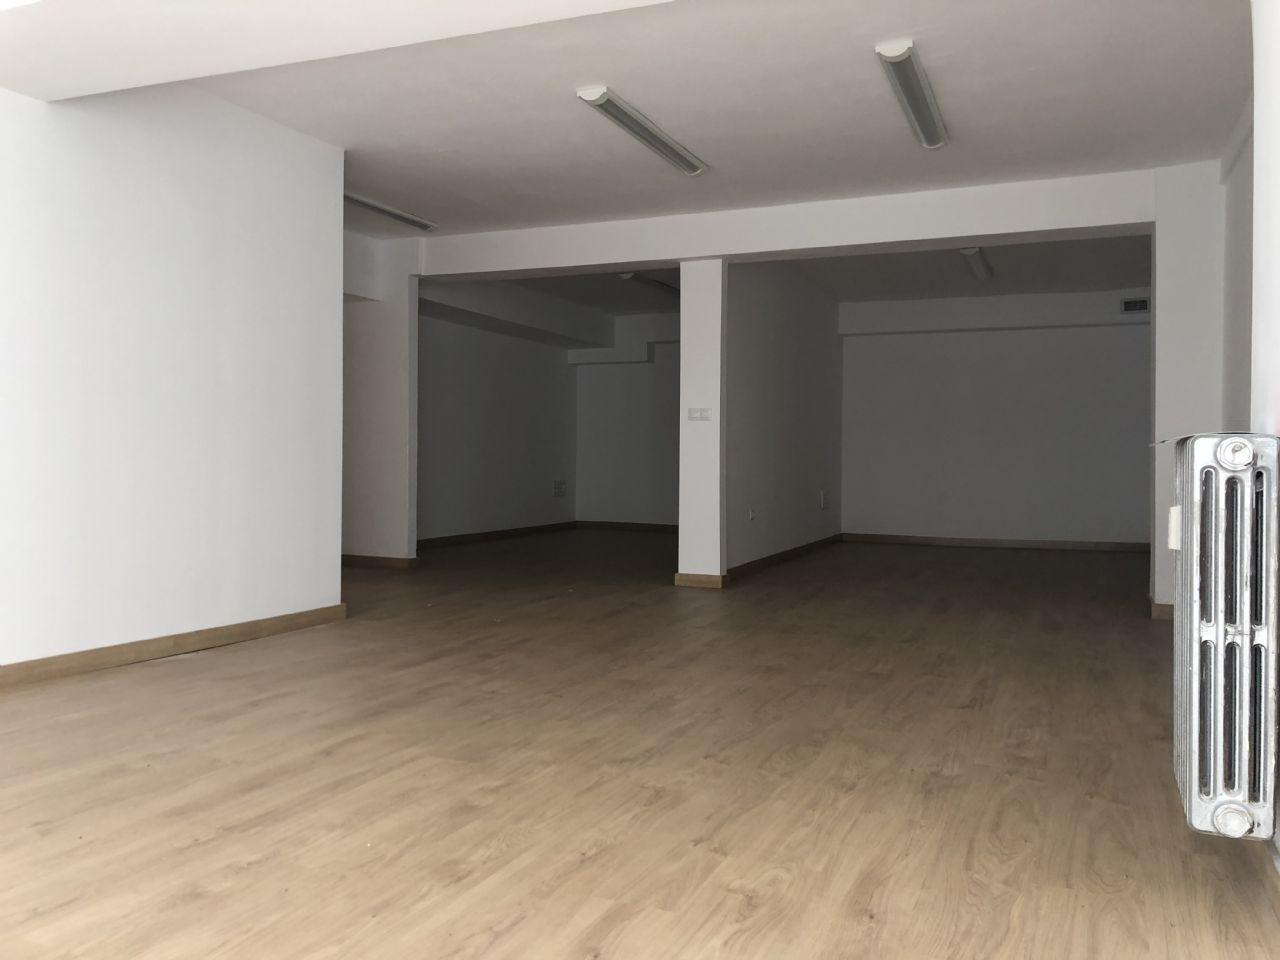 Oficina en Gijón, CENTRO - LOS CAMPOS, alquiler